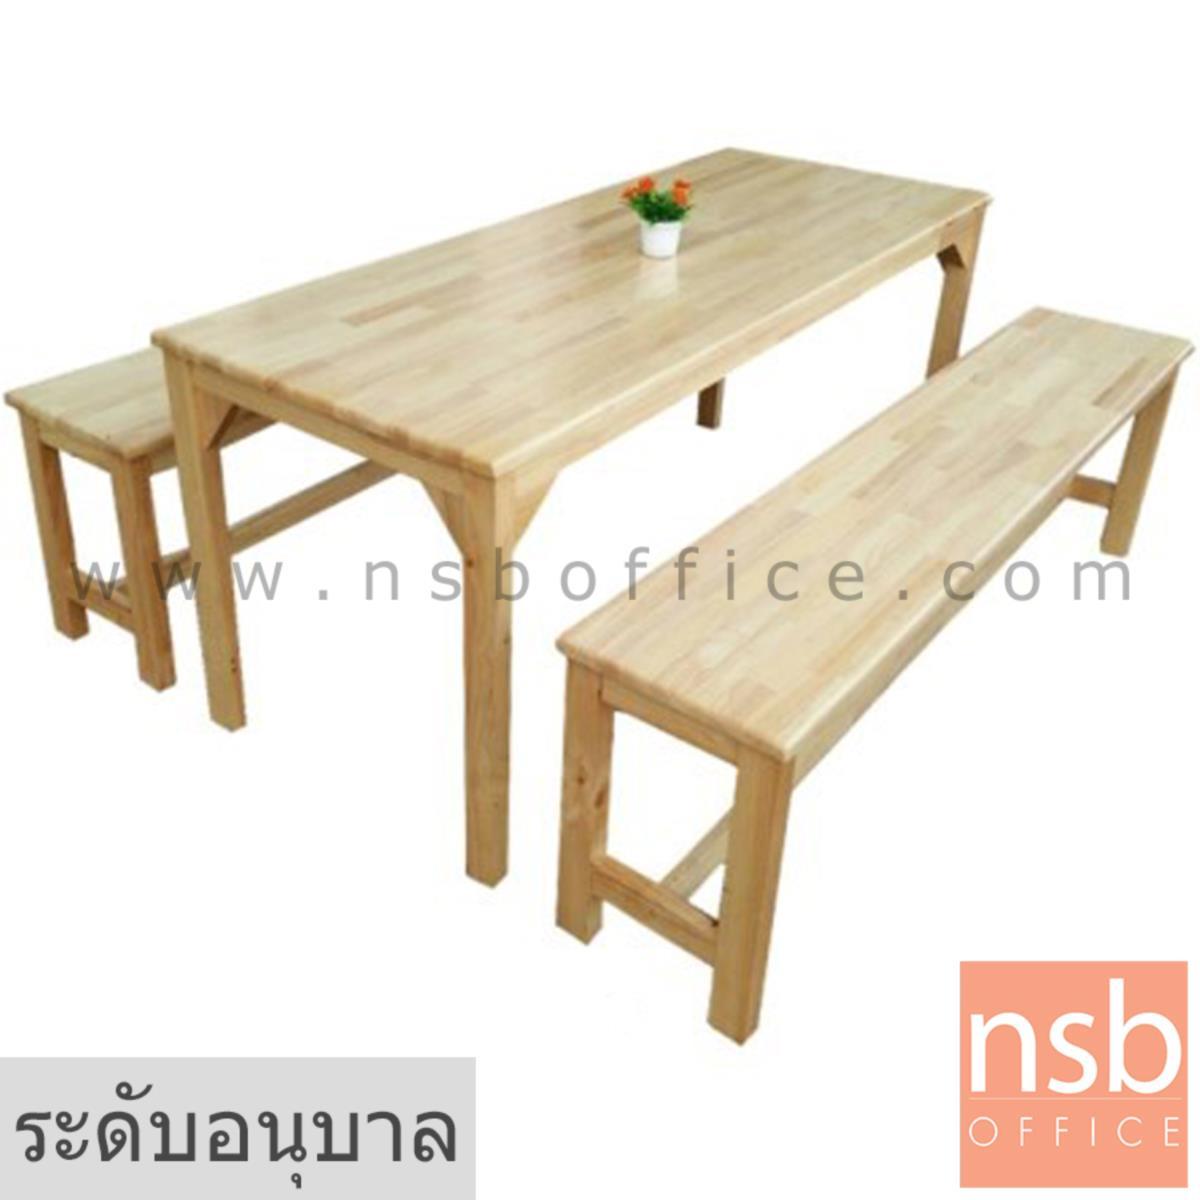 A17A072:ชุดโต๊ะและเก้าอี้กลุ่มไม้ยางพาราล้วน รุ่น NEWJERSEY (นิวเจอร์ซี)  ระดับอนุบาล